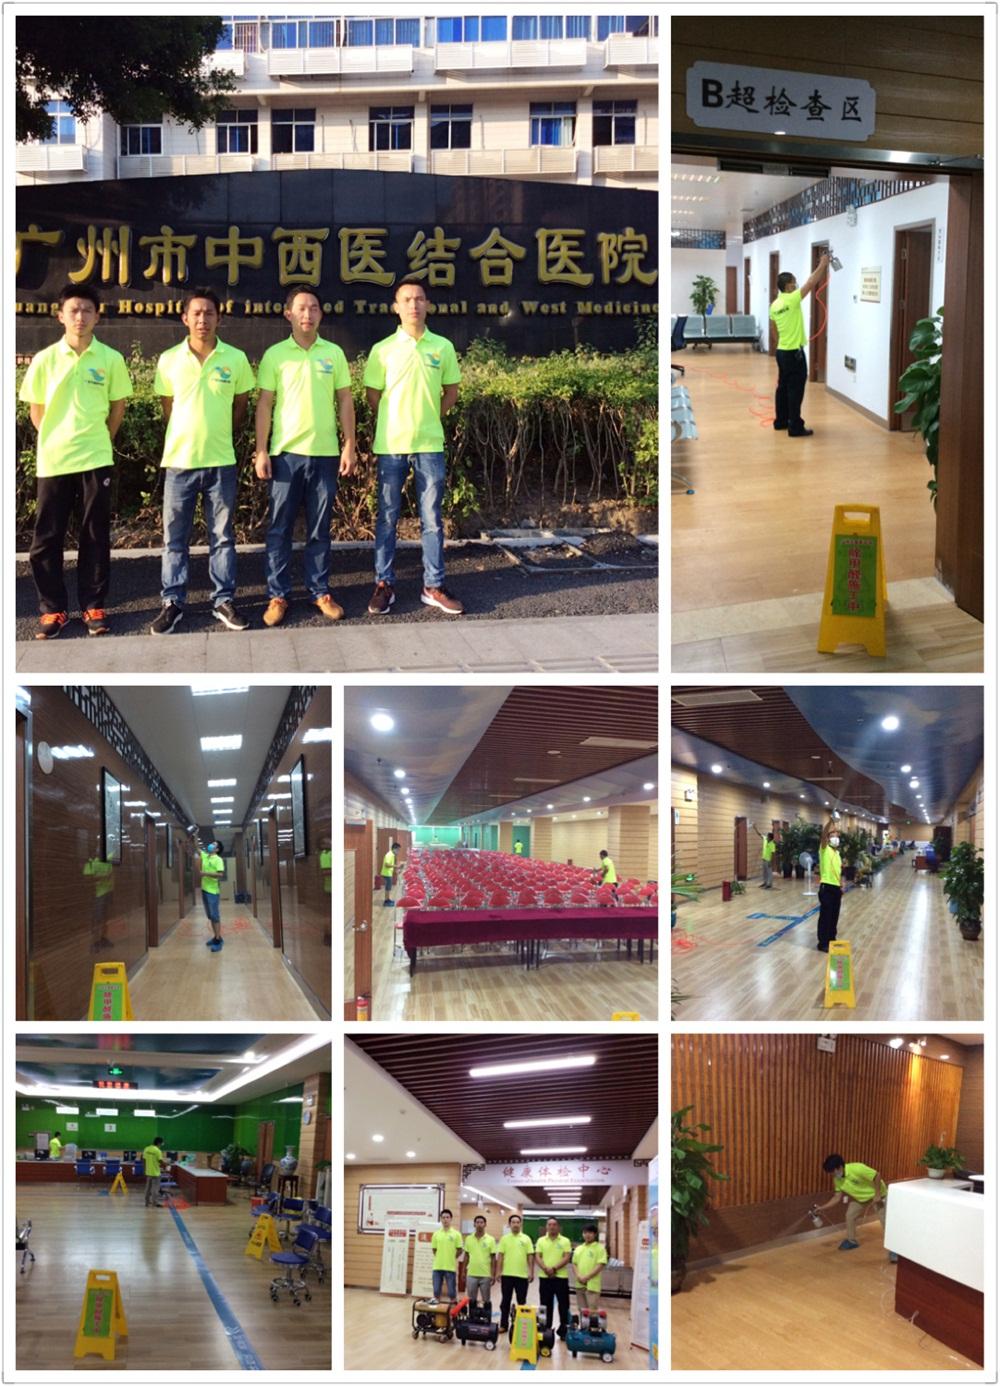 广州市中西医结合医院施工案例